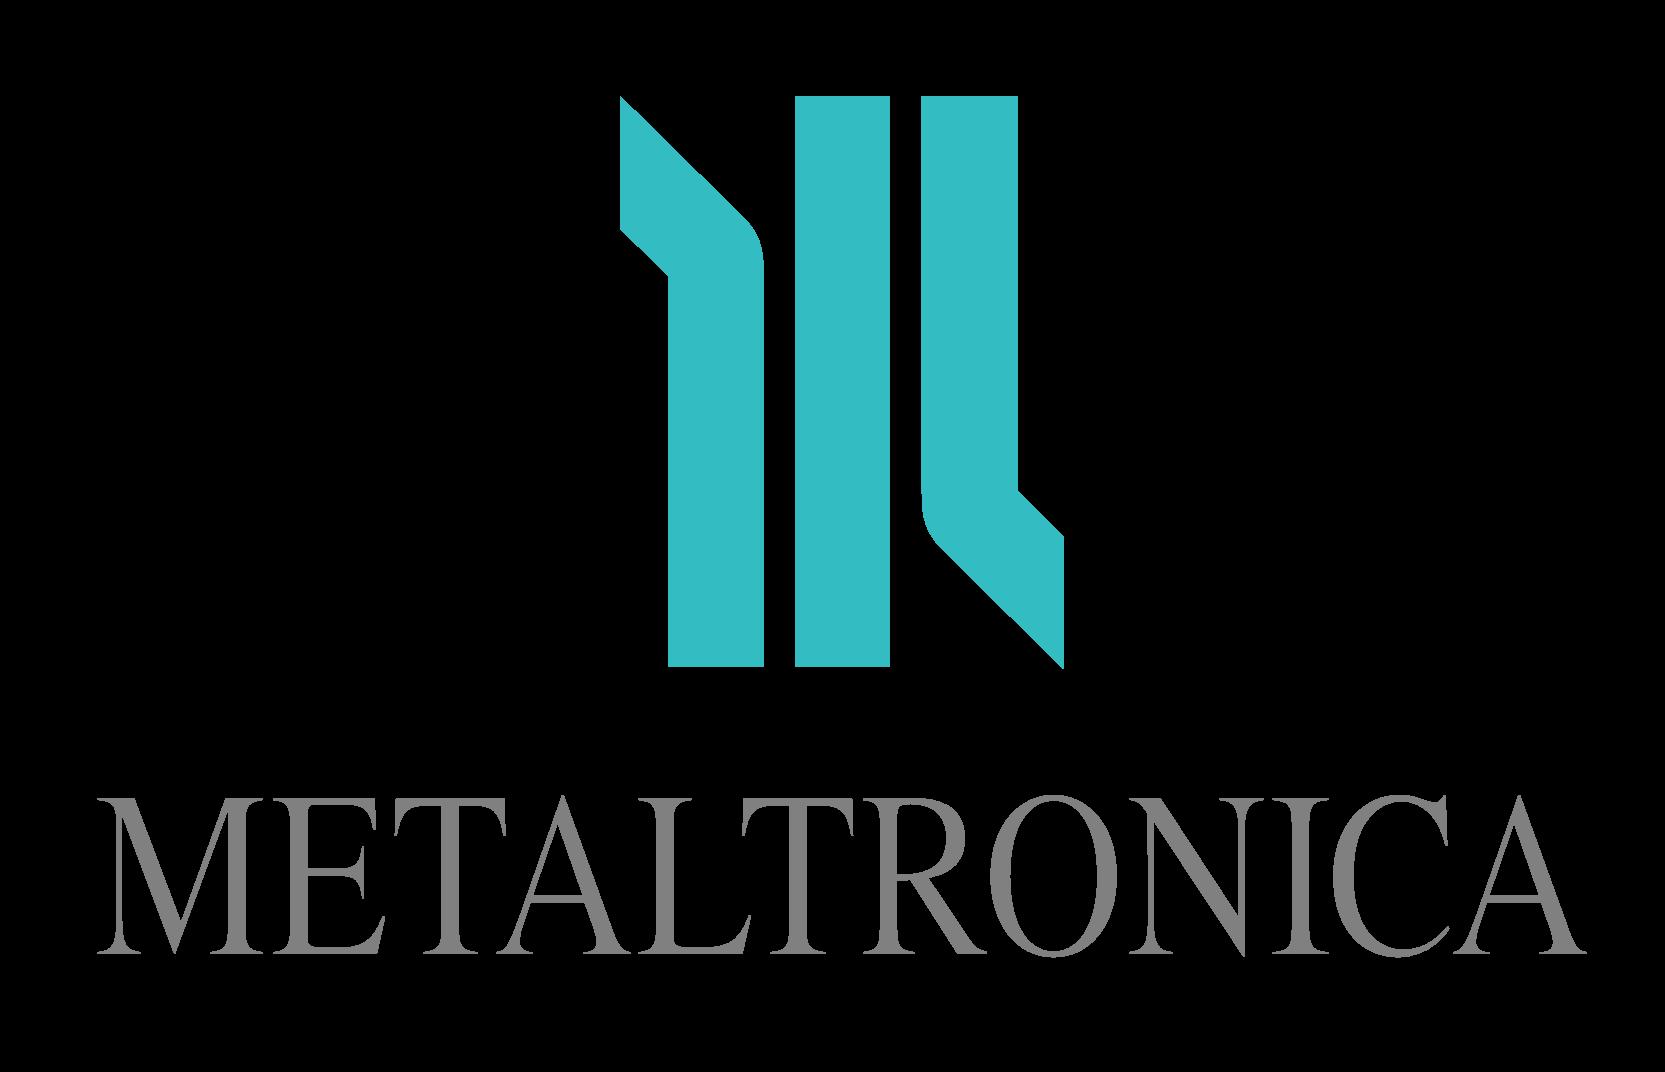 Metaltronica